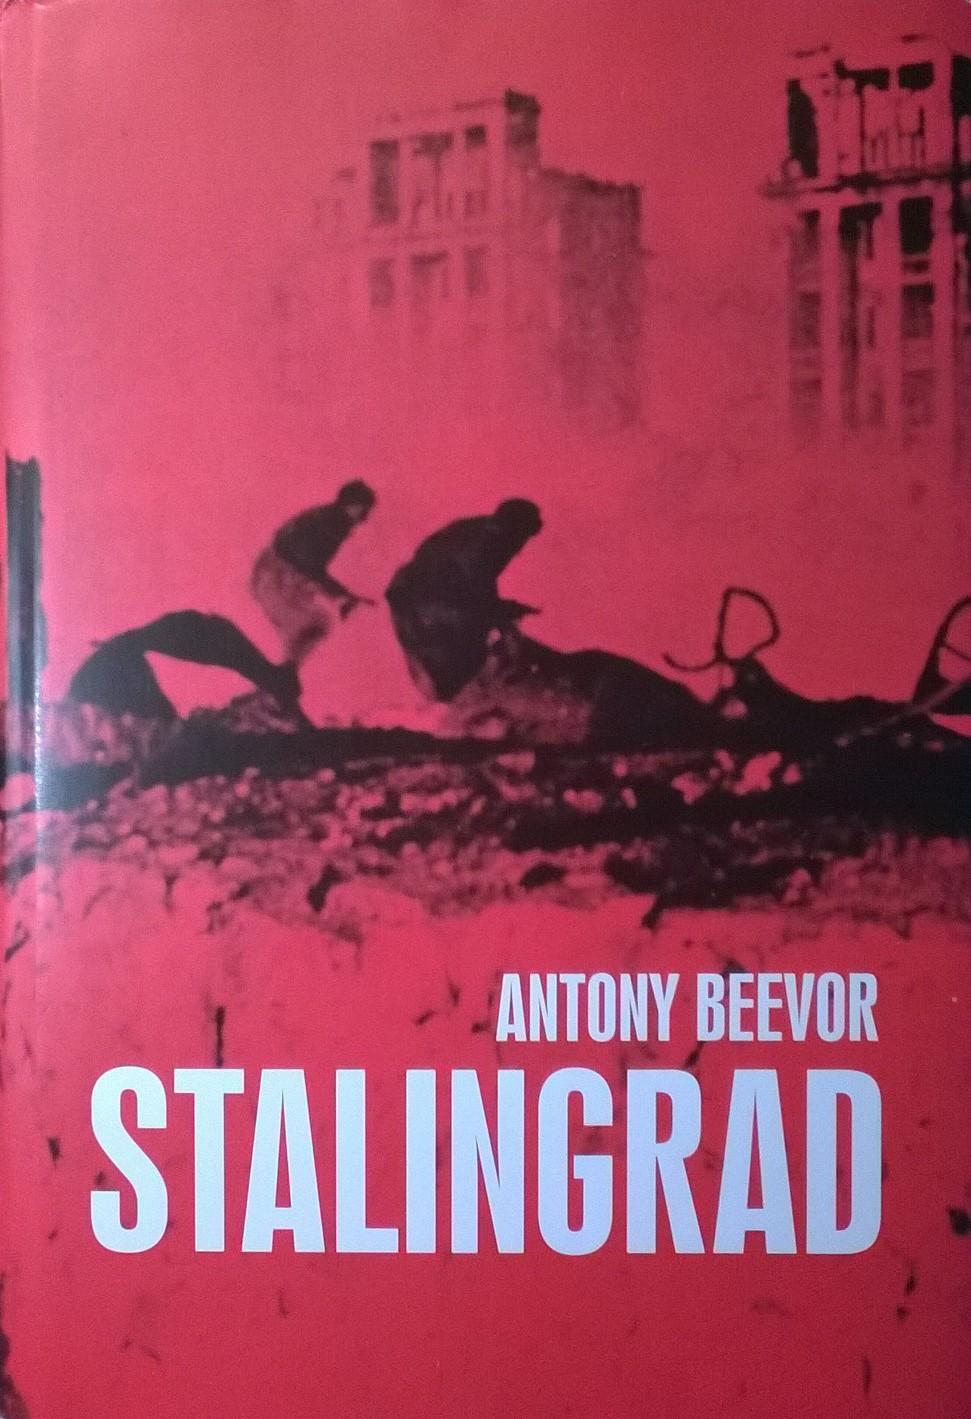 Beevor, Antony Stalingrad